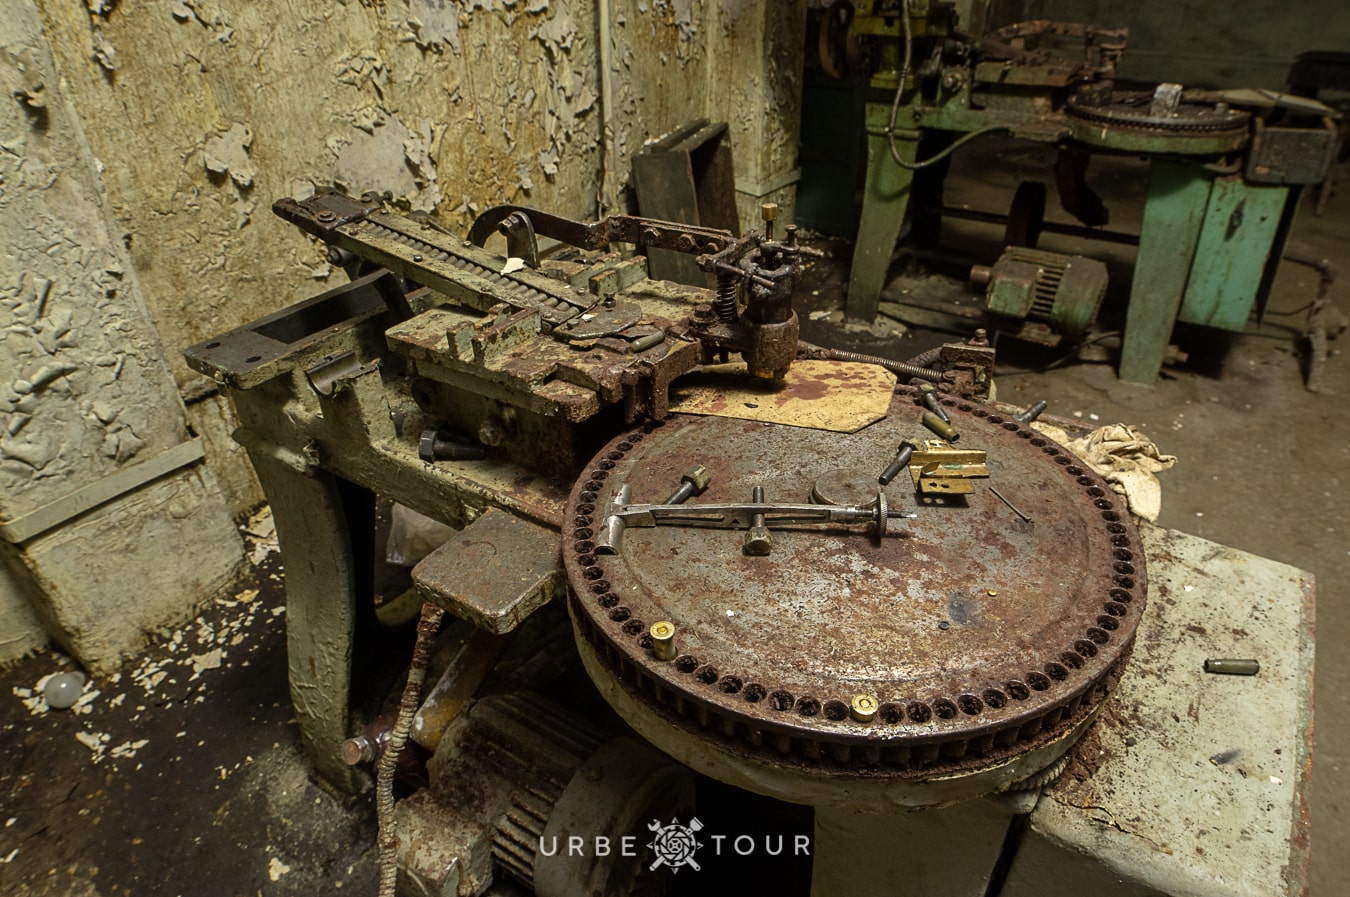 polican-communist-wearpon-underground-plant-42 Поличан: секретный военный бункер-завод коммунистов в горах Албании